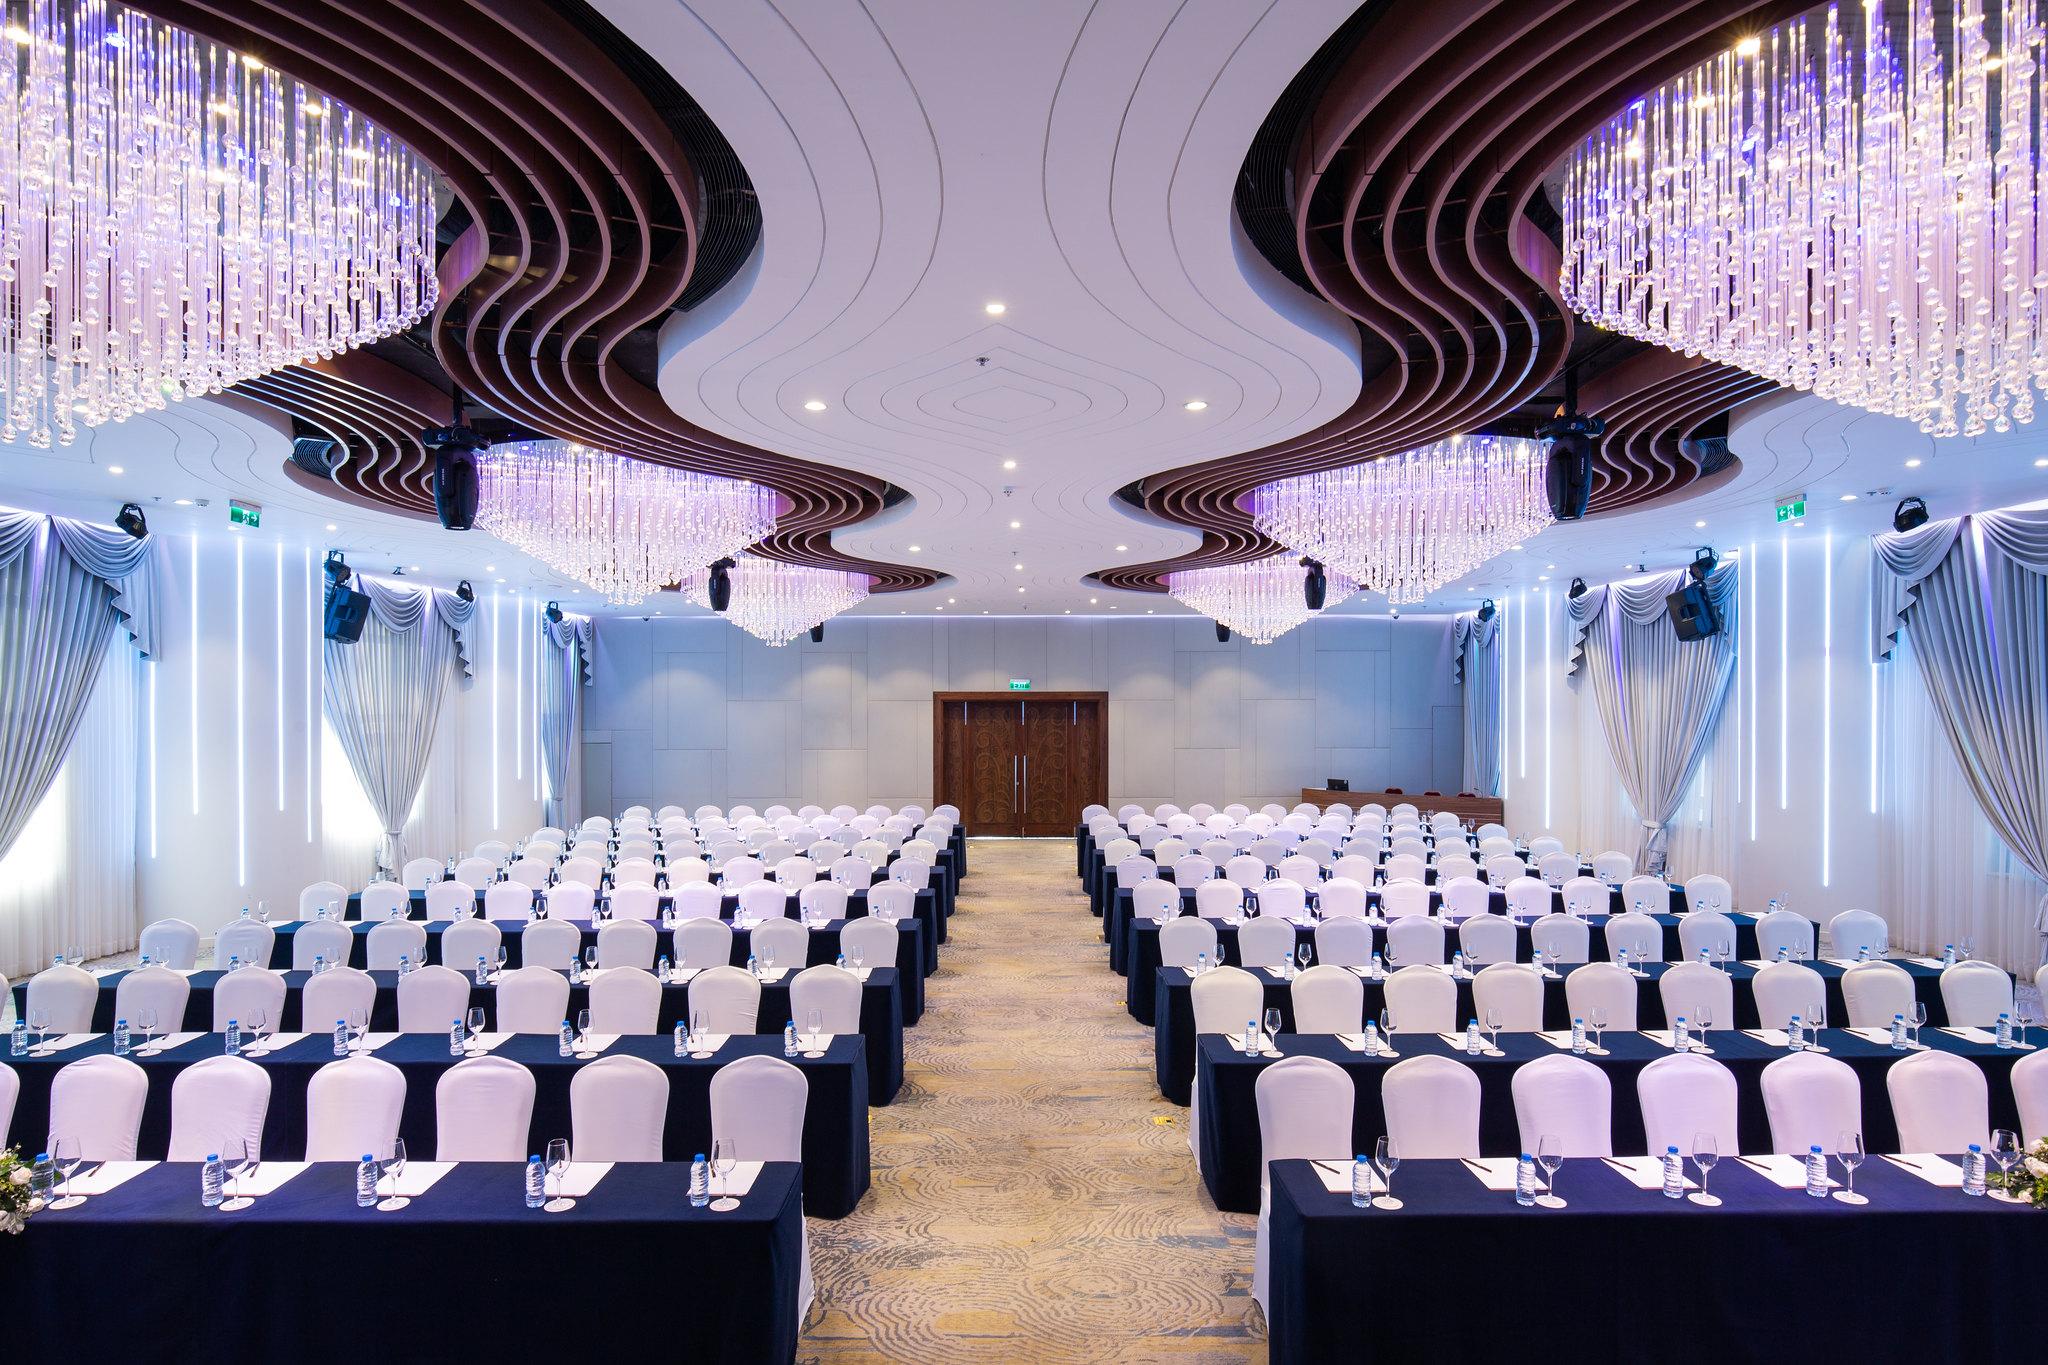 Sảnh hội nghị cao cấp nhà hàng Asiana Plaza